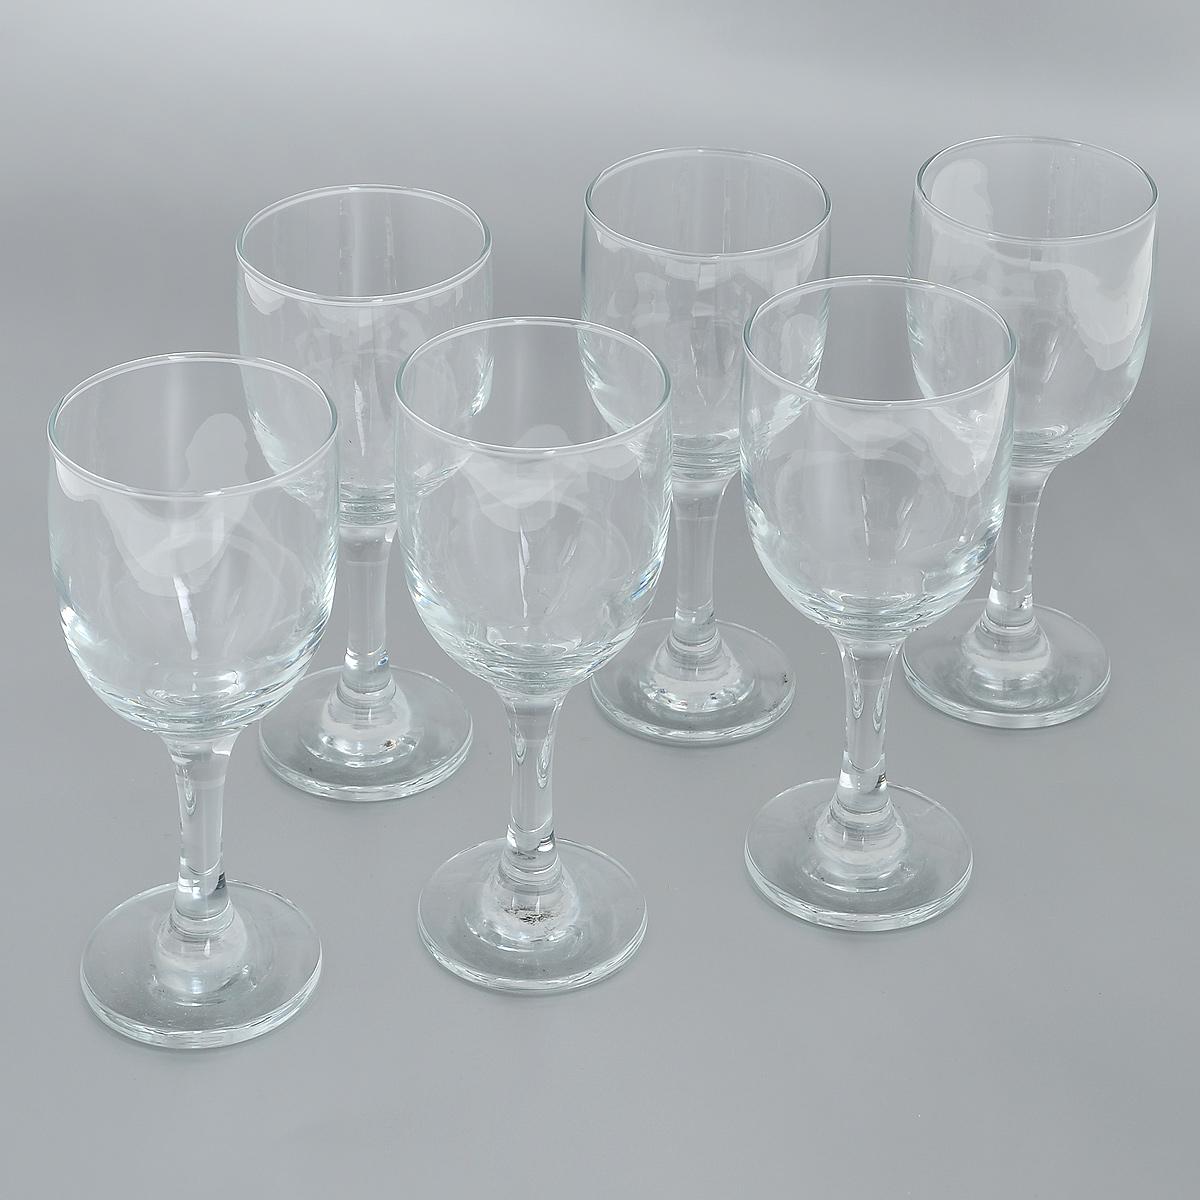 Набор бокалов для красного вина Pasabahce Royal, 200 мл, 6 шт44352BНабор Pasabahce Royal состоит из шести бокалов, изготовленных из прочного натрий-кальций-силикатного стекла. Изделия, предназначенные для подачи красного вина, несомненно придутся вам по душе. Бокалы сочетают в себе элегантный дизайн и функциональность. Благодаря такому набору пить напитки будет еще вкуснее. Набор бокалов Pasabahce Royal идеально подойдет для сервировки стола и станет отличным подарком к любому празднику. Можно мыть в посудомоечной машине и использовать в микроволновой печи. Диаметр бокала по верхнему краю: 6,5 см. Высота бокала: 16,5 см.